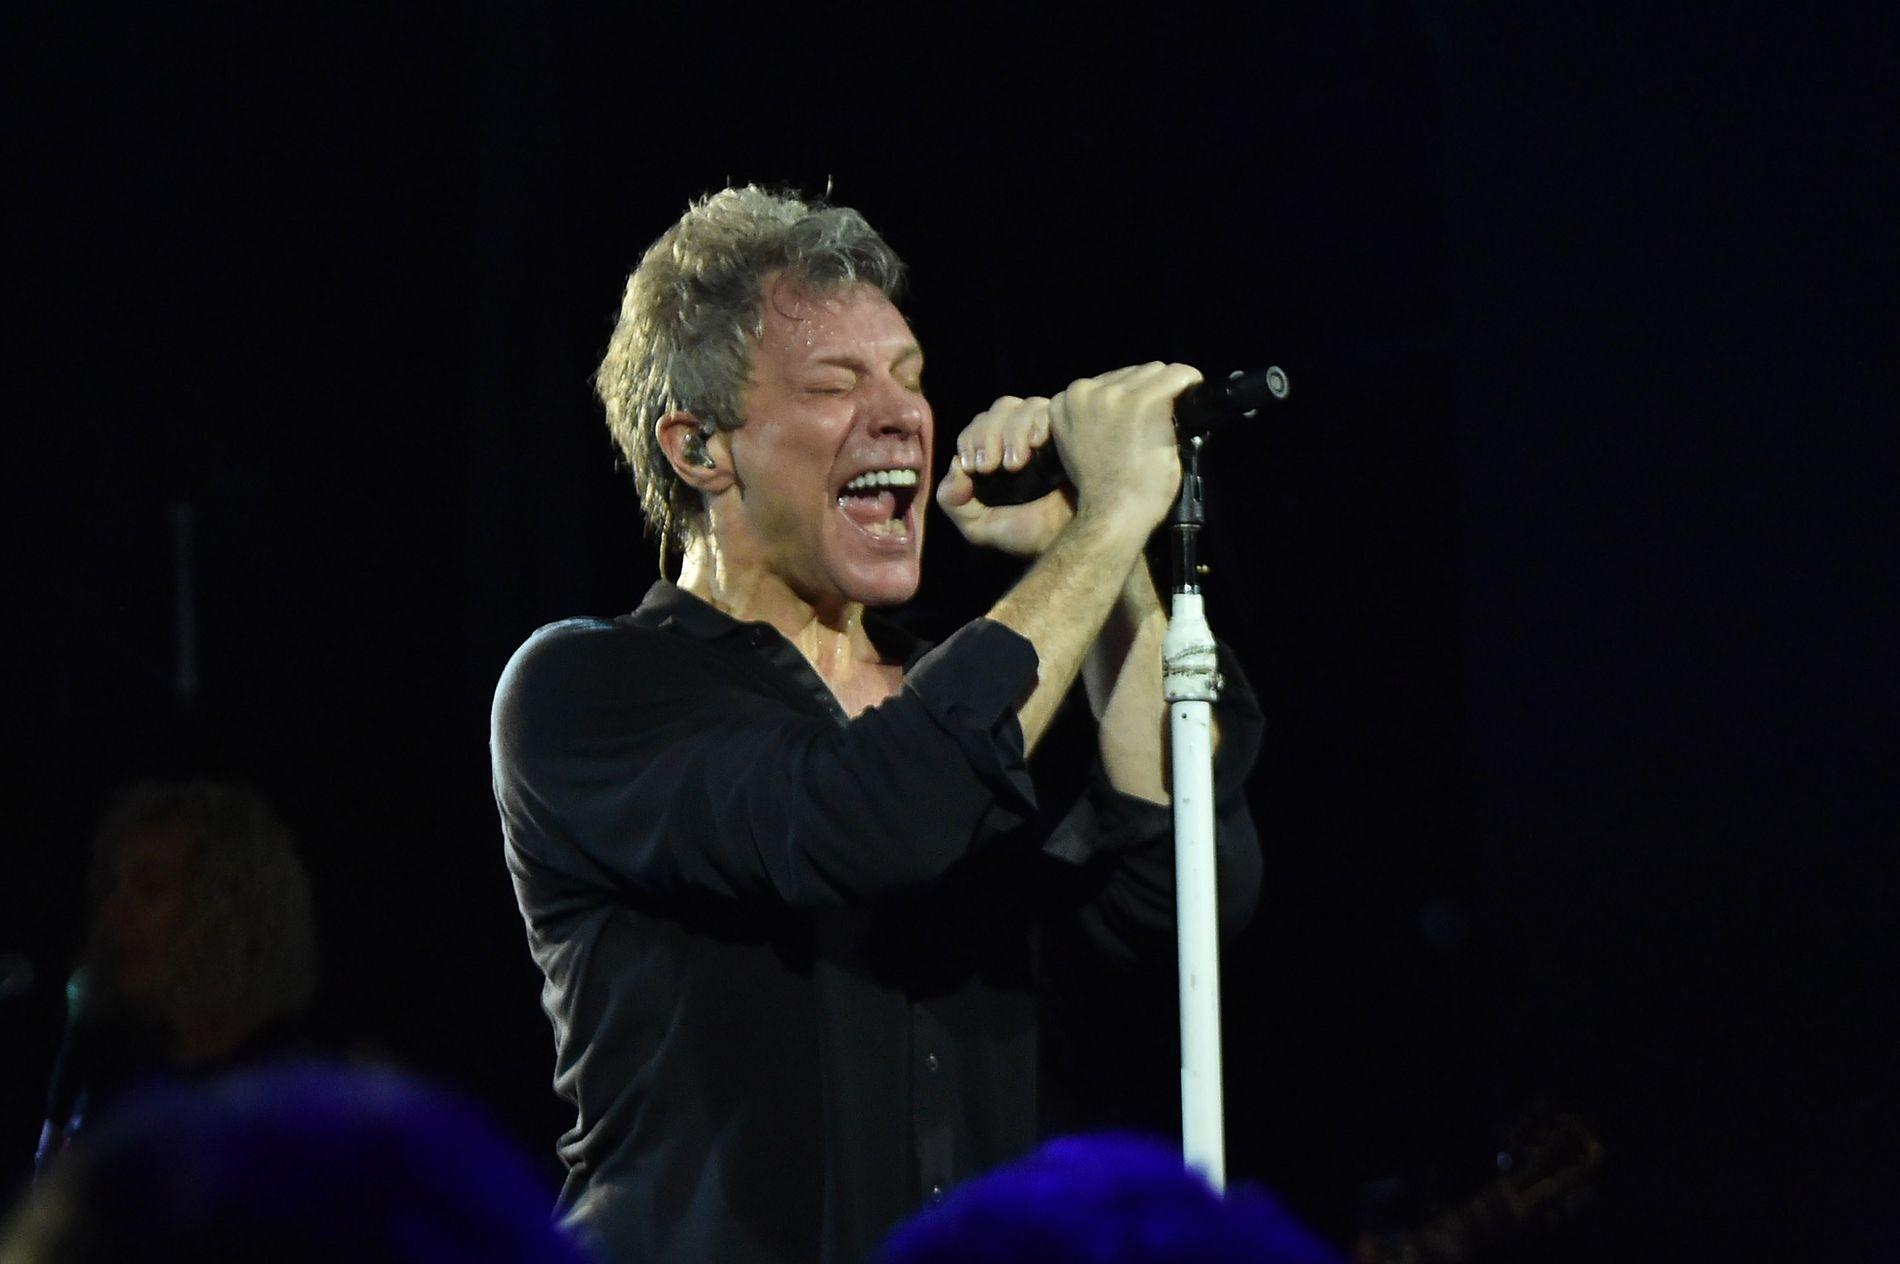 KOMMER TIL Å FORTSETTE: Jon Bon Jovi, her på scenen i 2003. Bon Jovi har holdt det gående siden tidlig 80-tall.